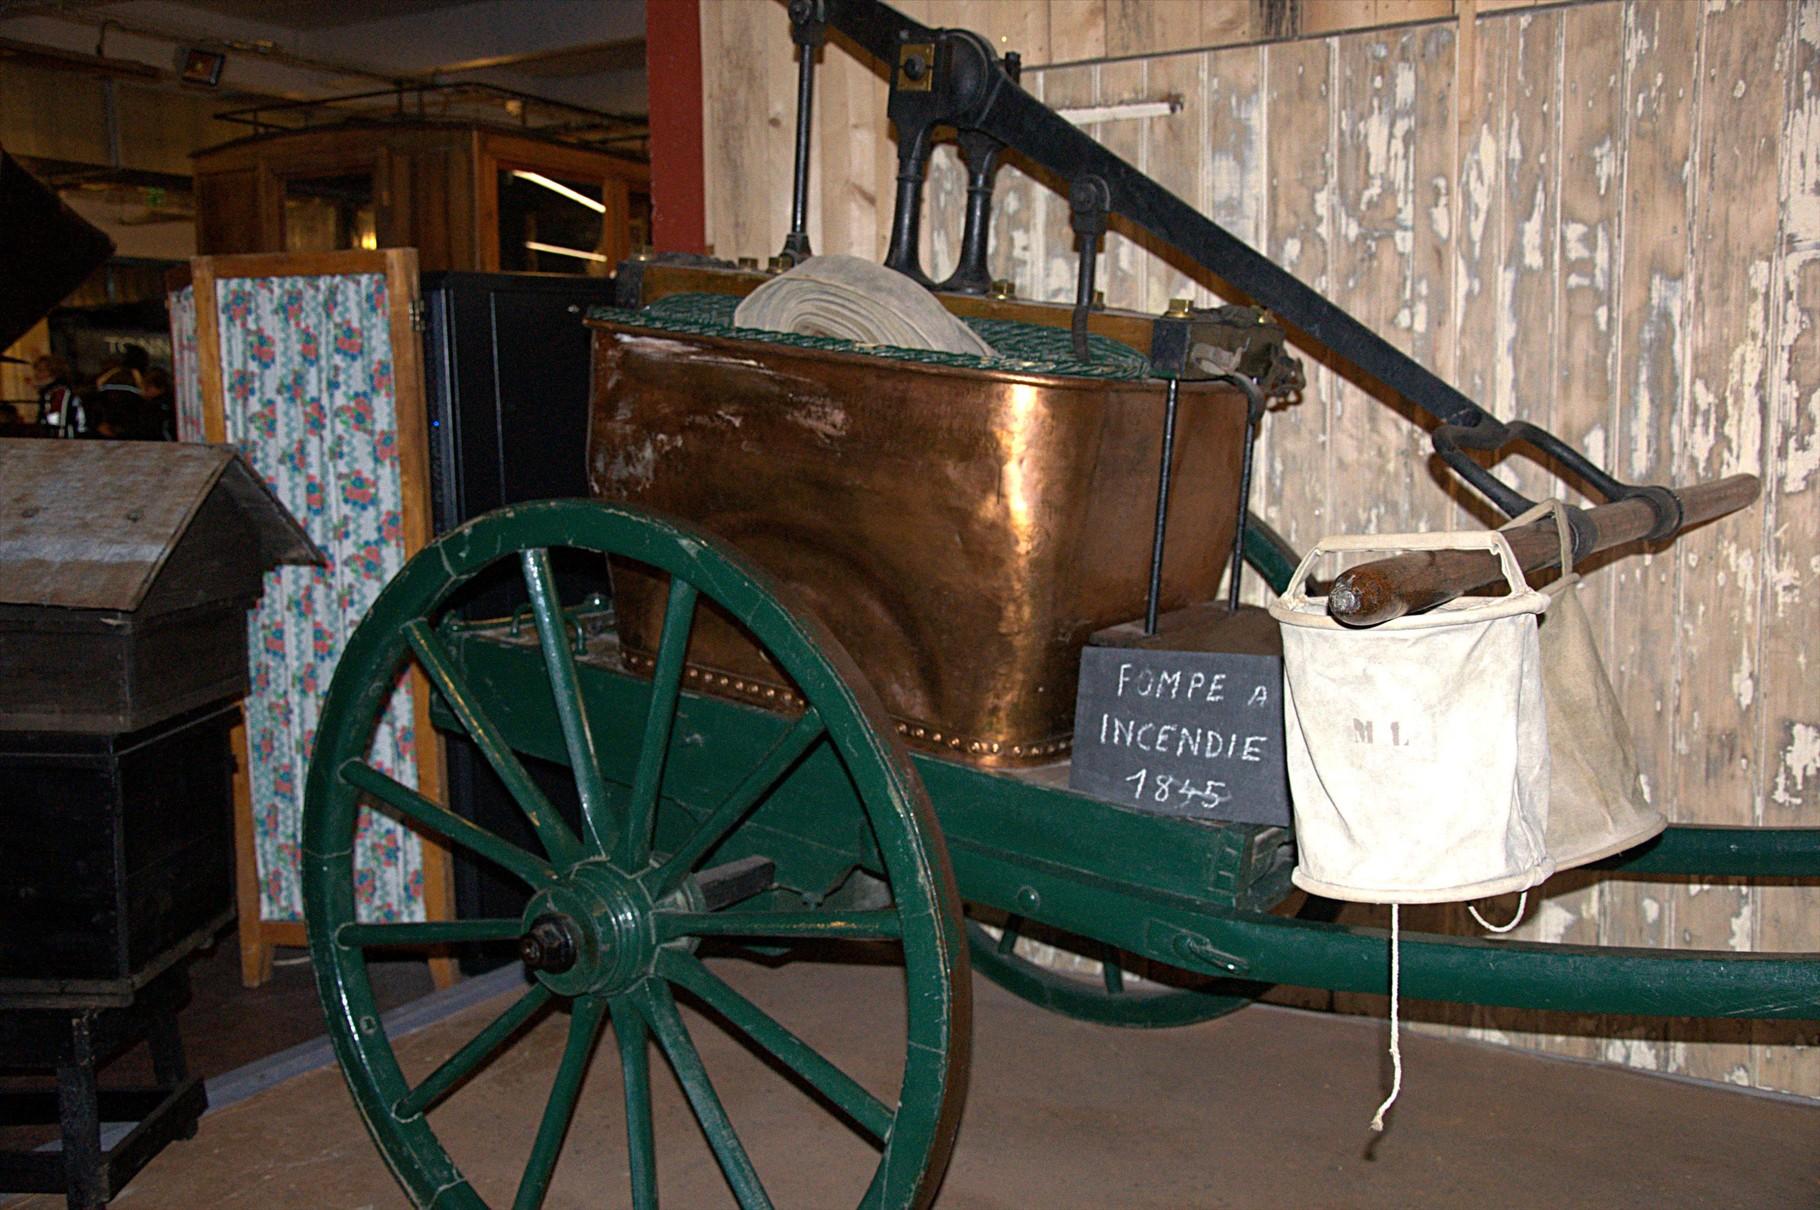 La pompe à incendie, avant l'invention des pompes à moteur